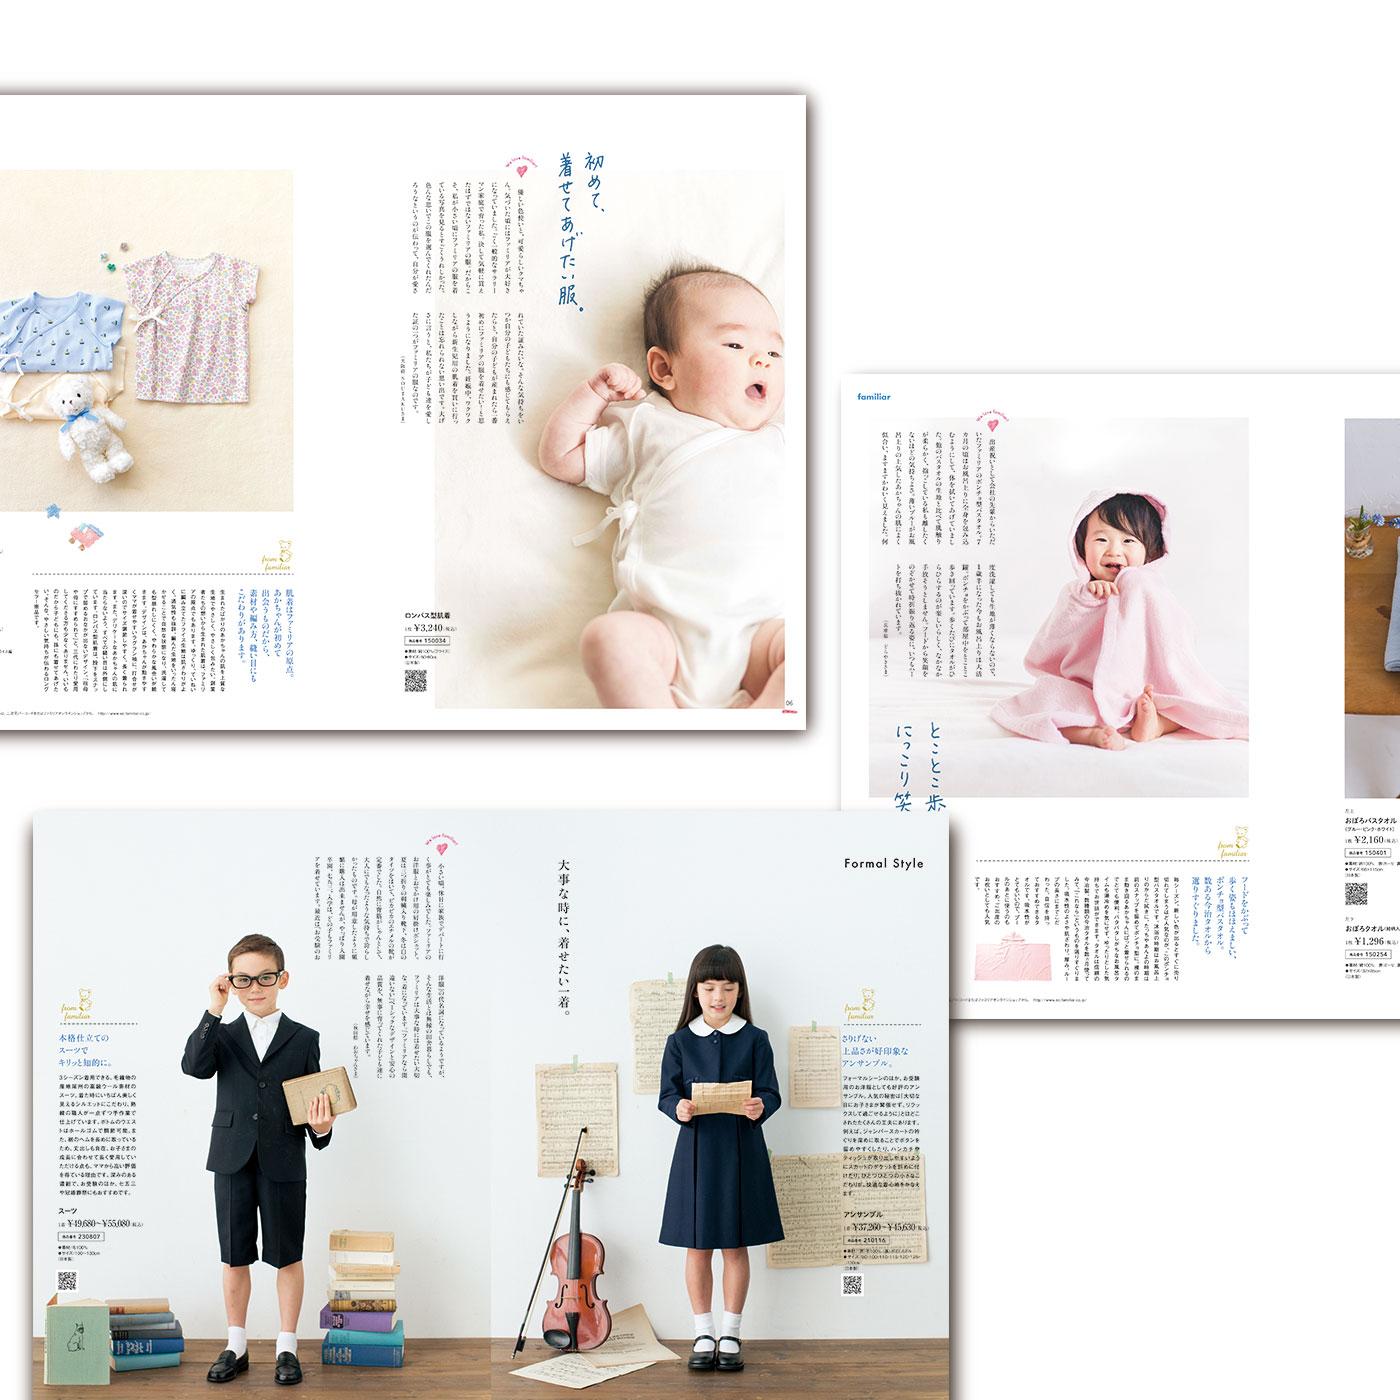 新生児から小学生まで、愛情いっぱいのファミリアのお洋服や雑貨があふれたカタログ。